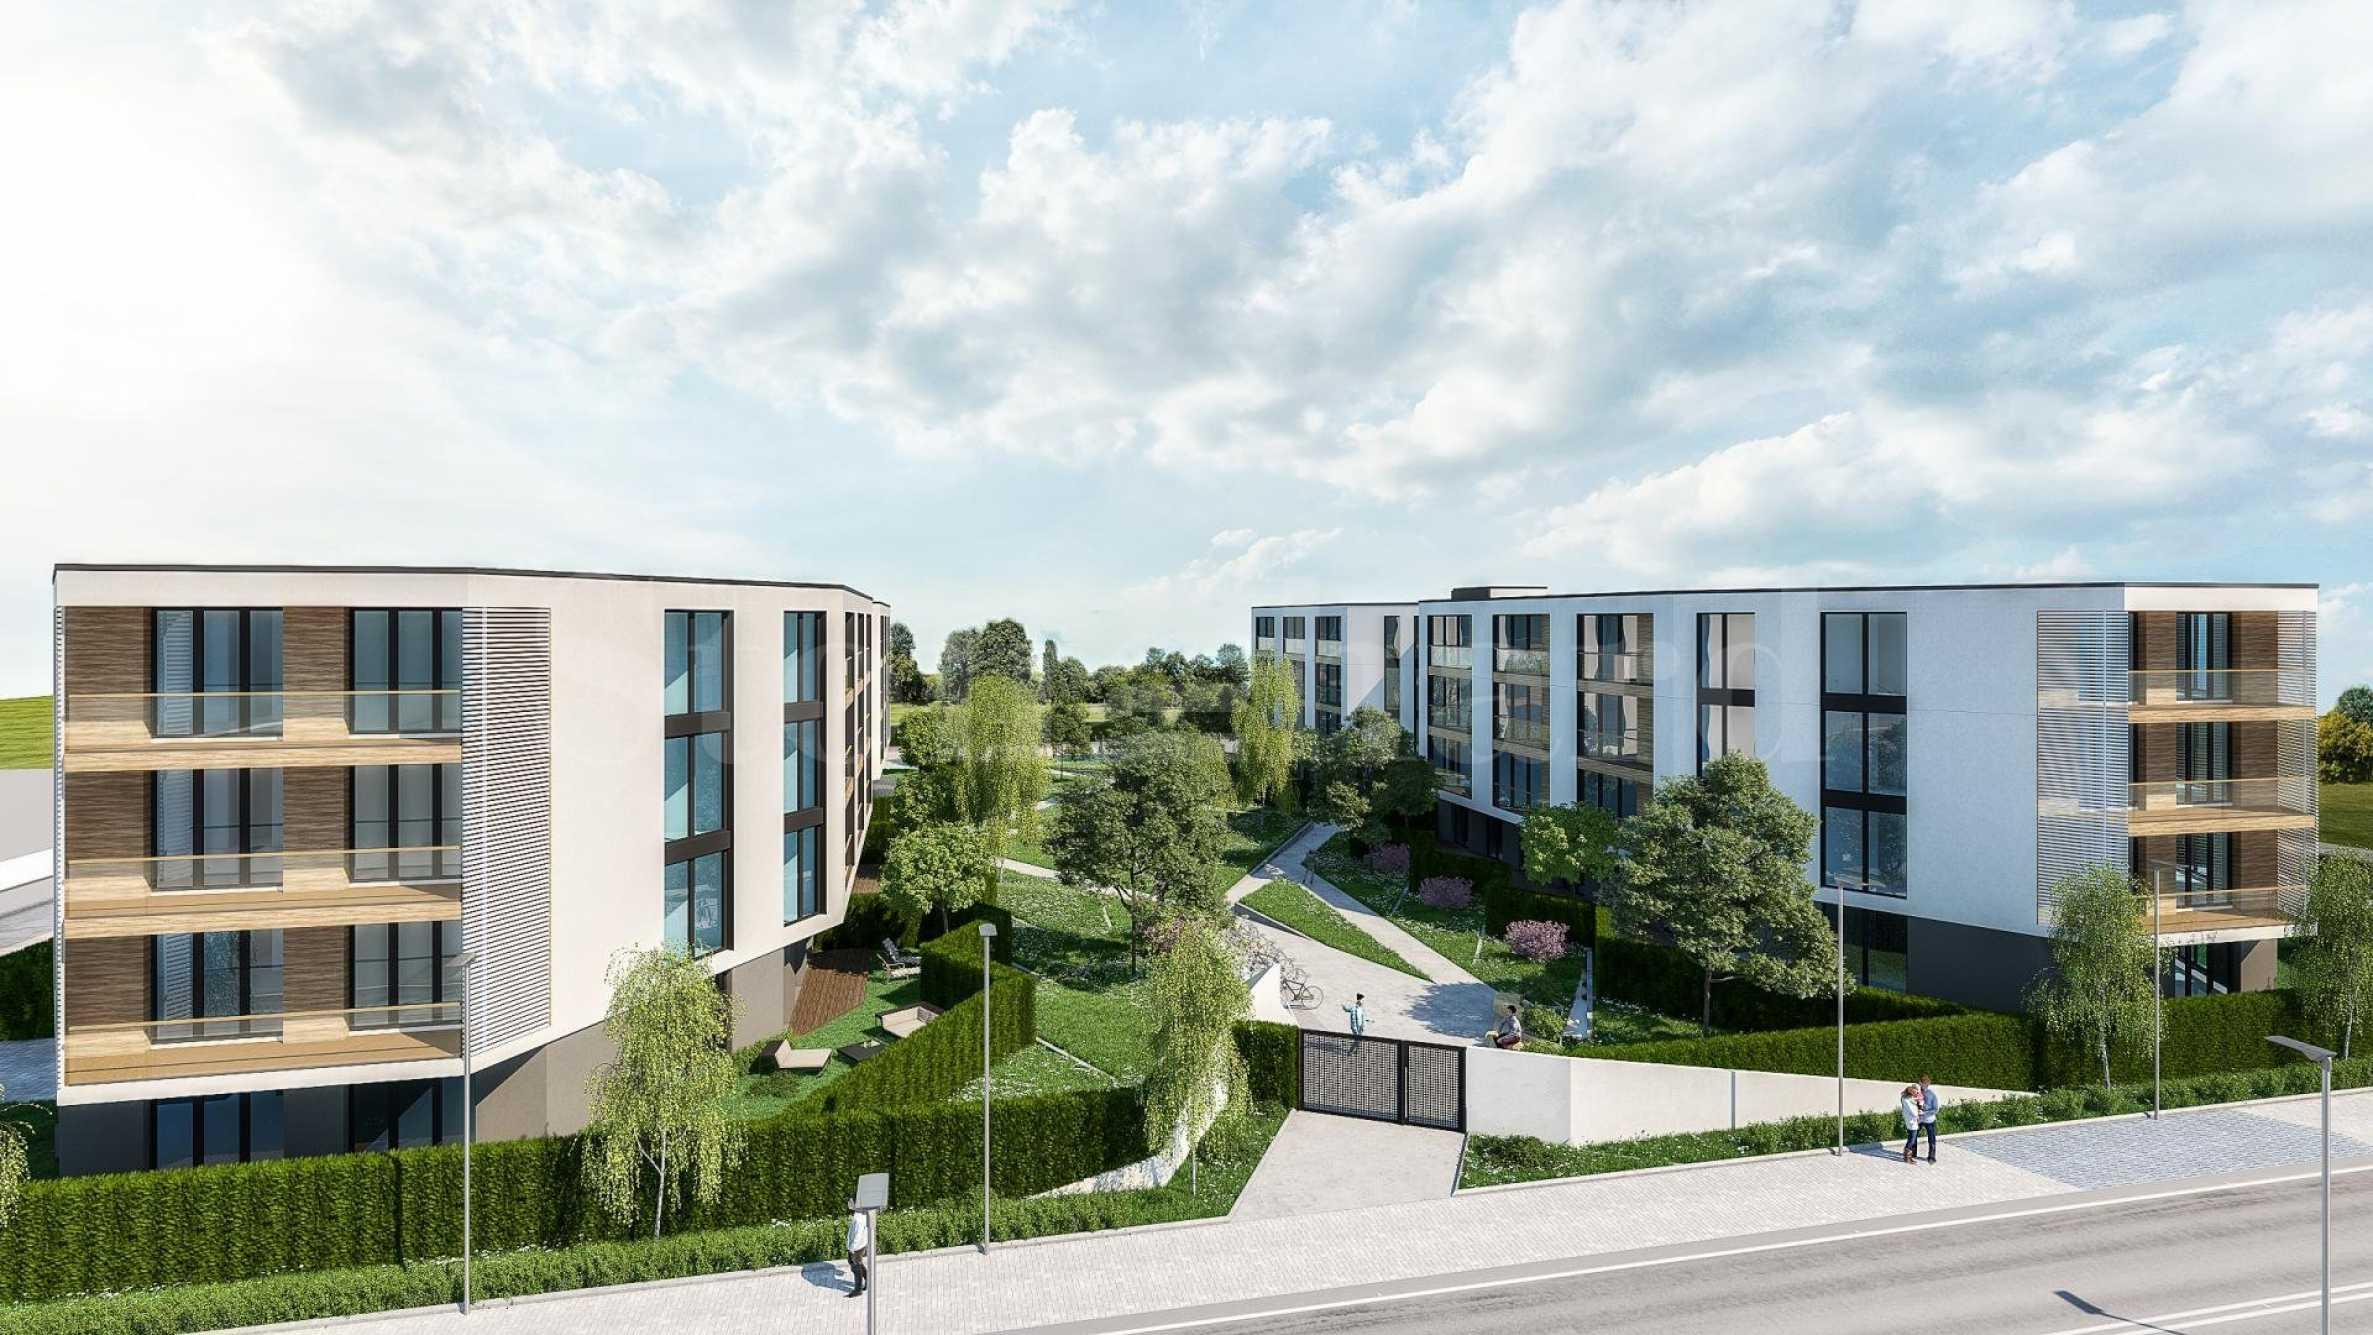 Модерен комплекс с комфортни апартаменти на 100 метра от плажа1 - Stonehard